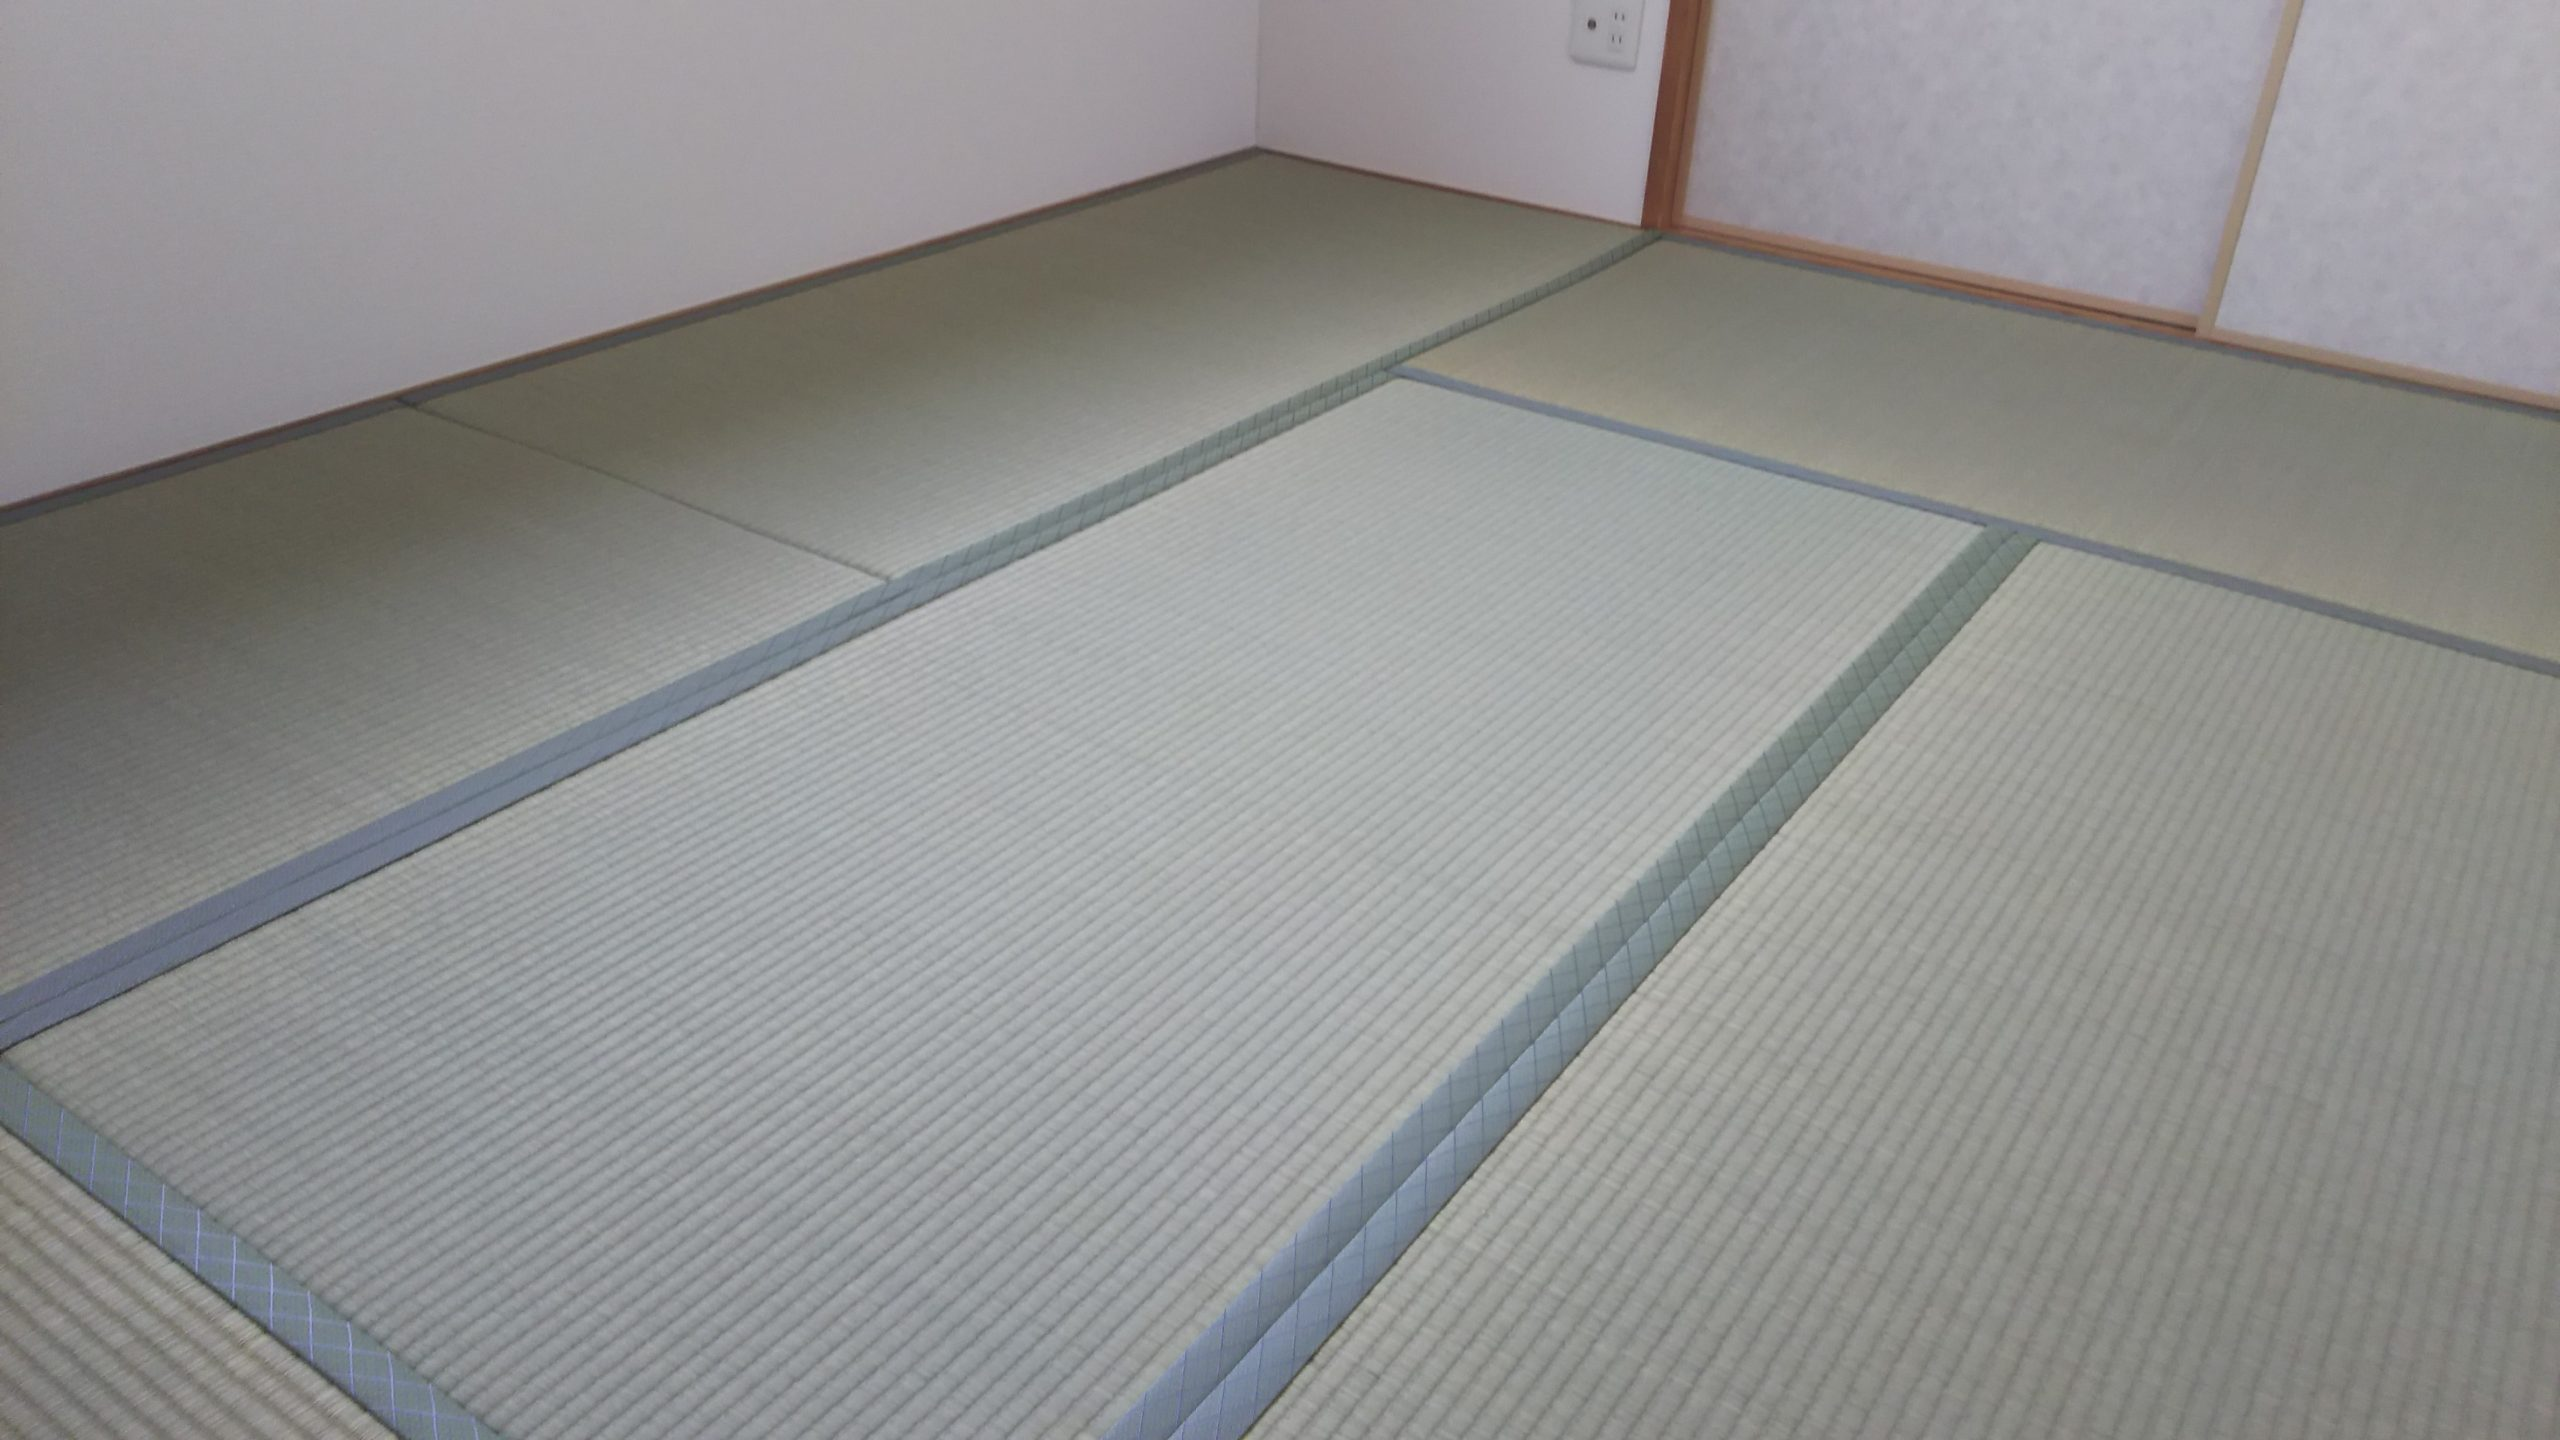 20210802伊丹市のマンションに畳を納品しました。